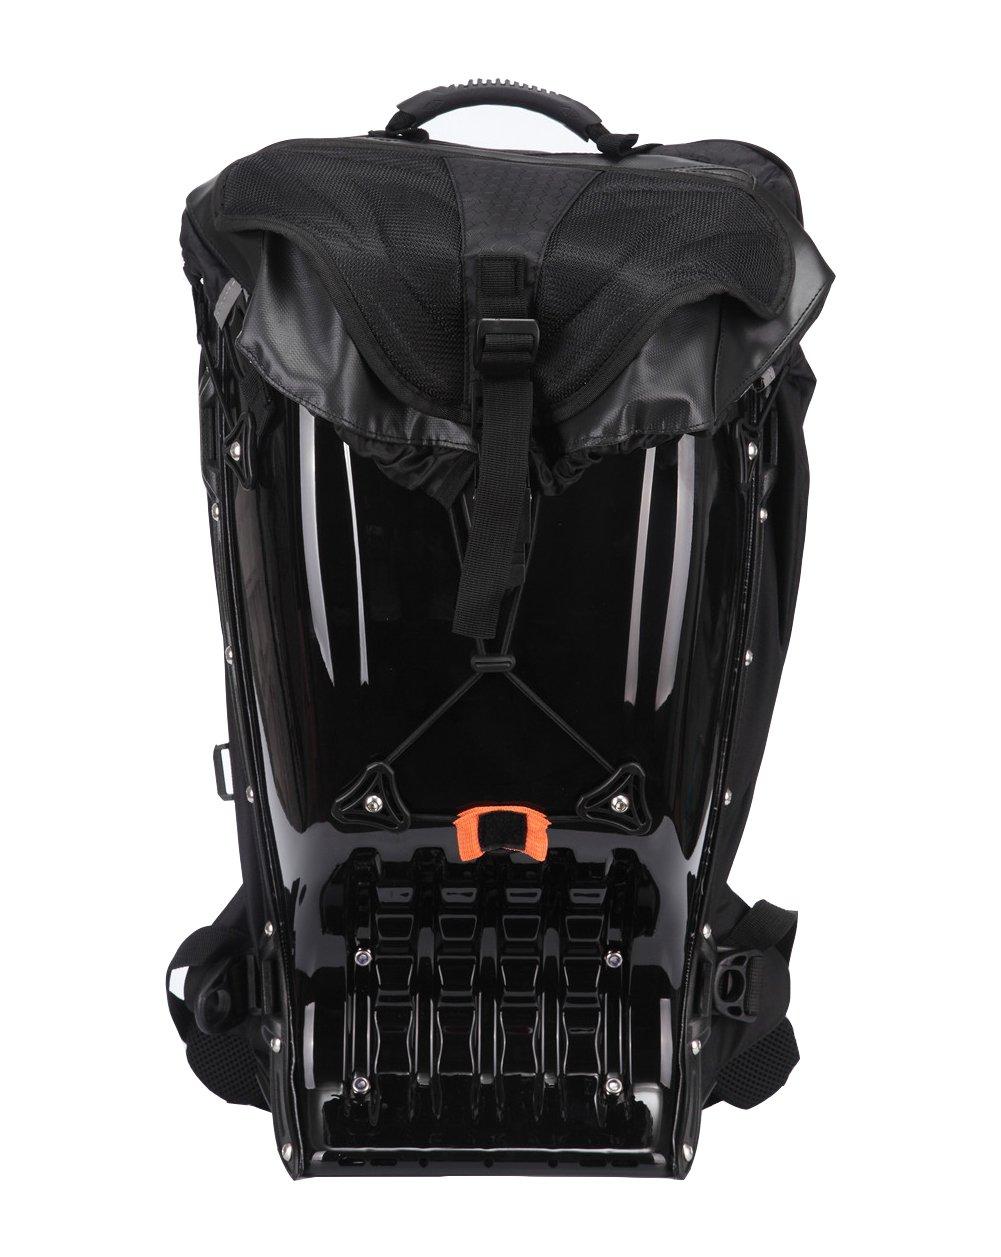 Snail Shop Hardshell Backpack Outdoor Riding Backpack Bag Daypack Hiking Camping Travel Bag(black)